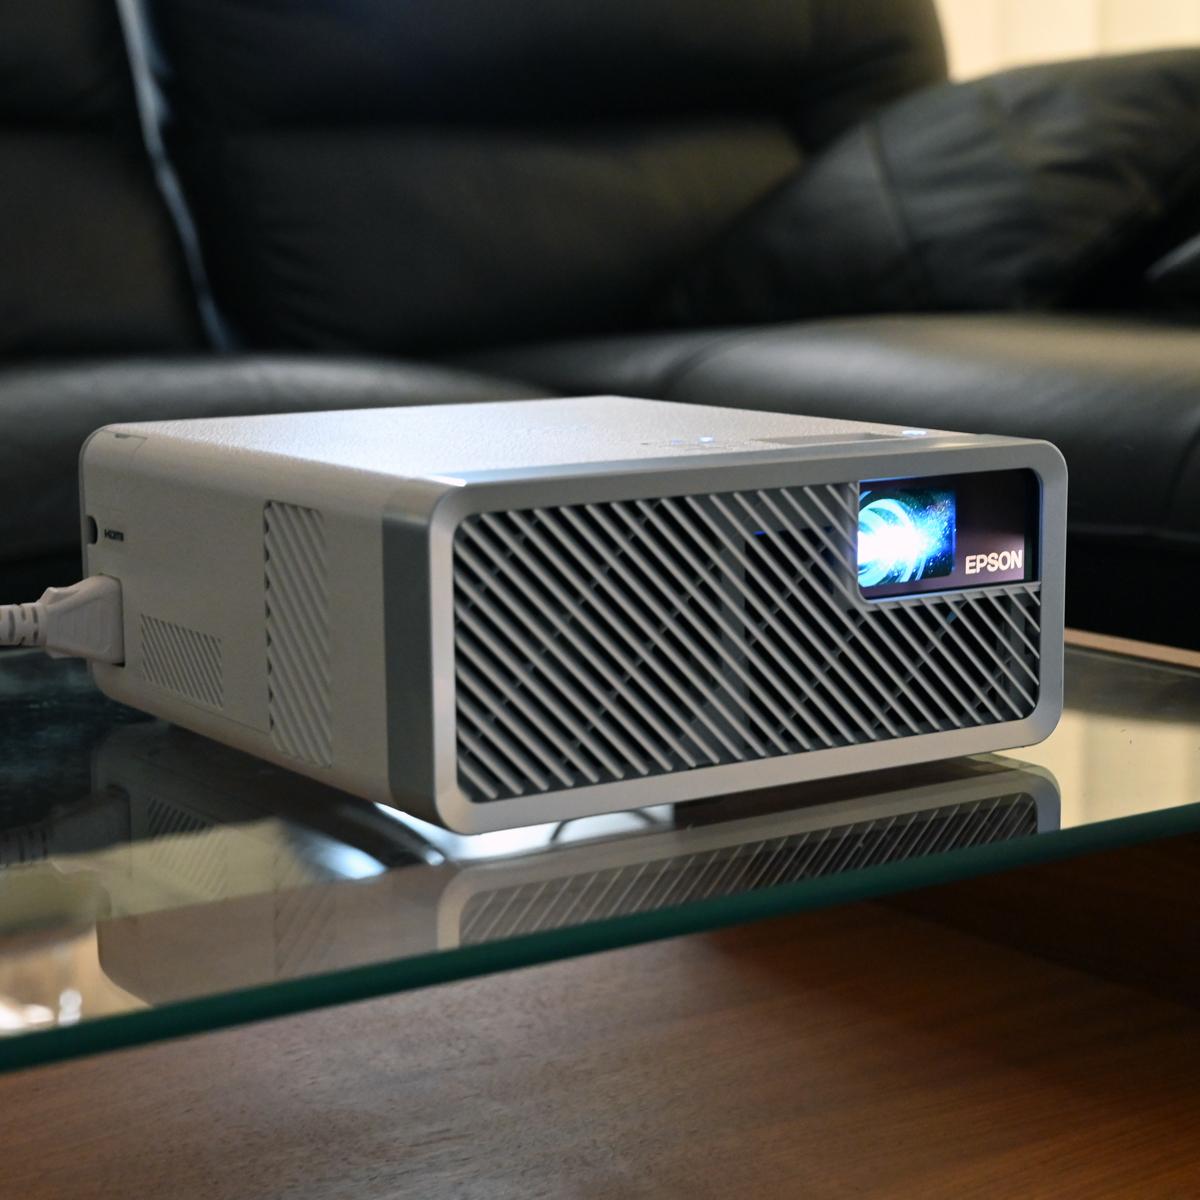 本体にAmazon Fire TV Stickを格納できるエプソンの新機軸プロジェクター「EF-100」